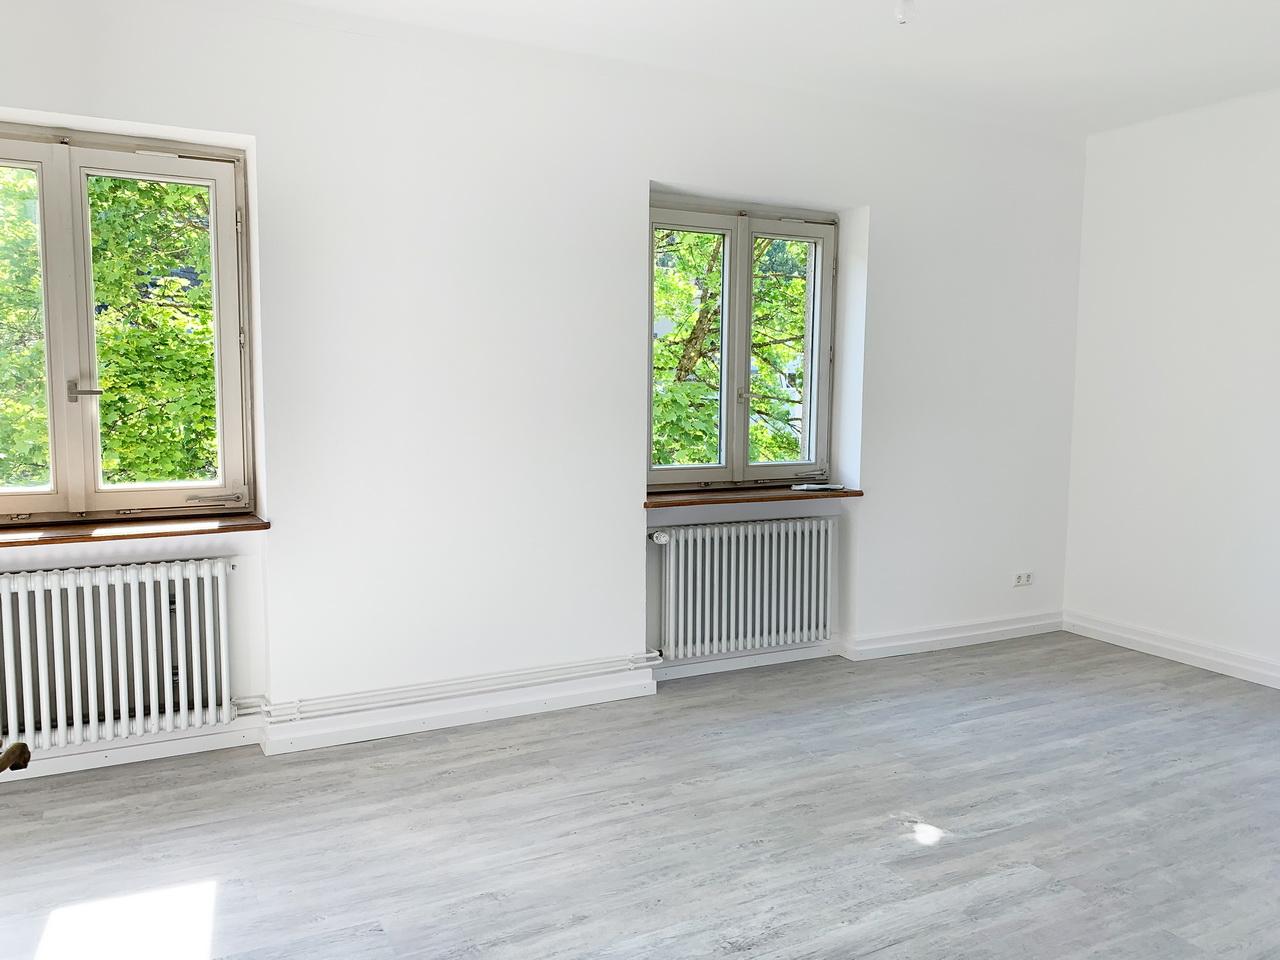 Herzlich Willkommen bei AKTIVA Immobilien im Breisgau - Wunderschön Sanierte Wohnung in Freiburg Günterstal zu vermieten. Mitten im Grün und ganz viel Ruhe: Das Wohnhaus mit drei Wohnpartien ist eines der ältesten Gebäude in Günterstal. Mit seinem historischen Charme und seiner Lage lädt es zum Wohlfühlen ein.